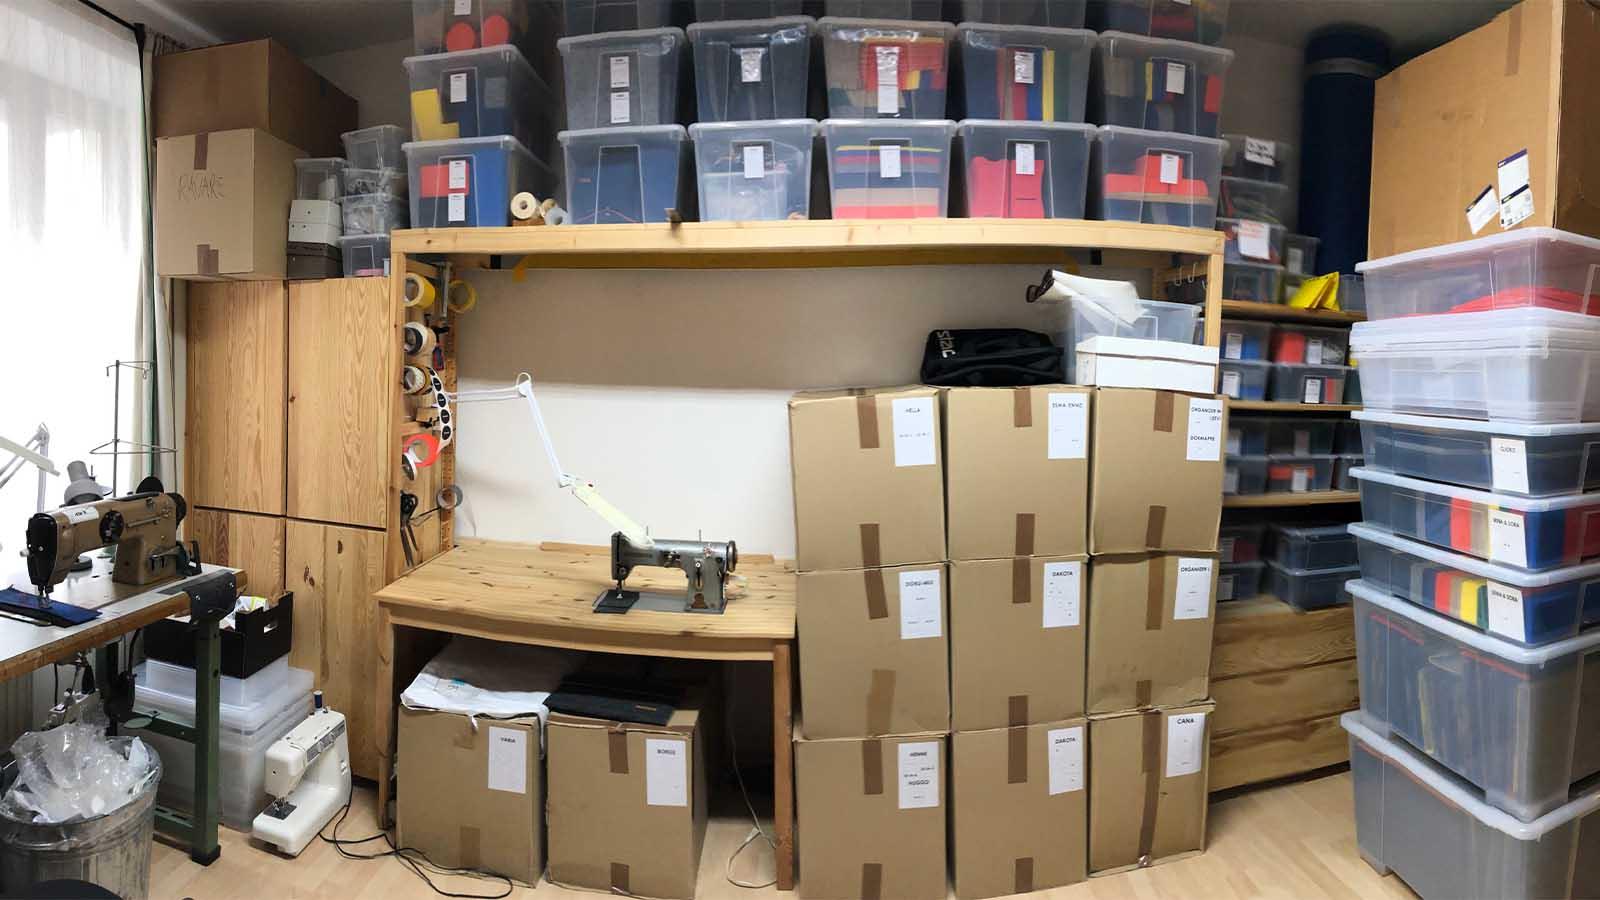 Bis unter die Decke wurden die einzelnen Teile aus veganem Filzt in Kisten sortiert gestapelt.